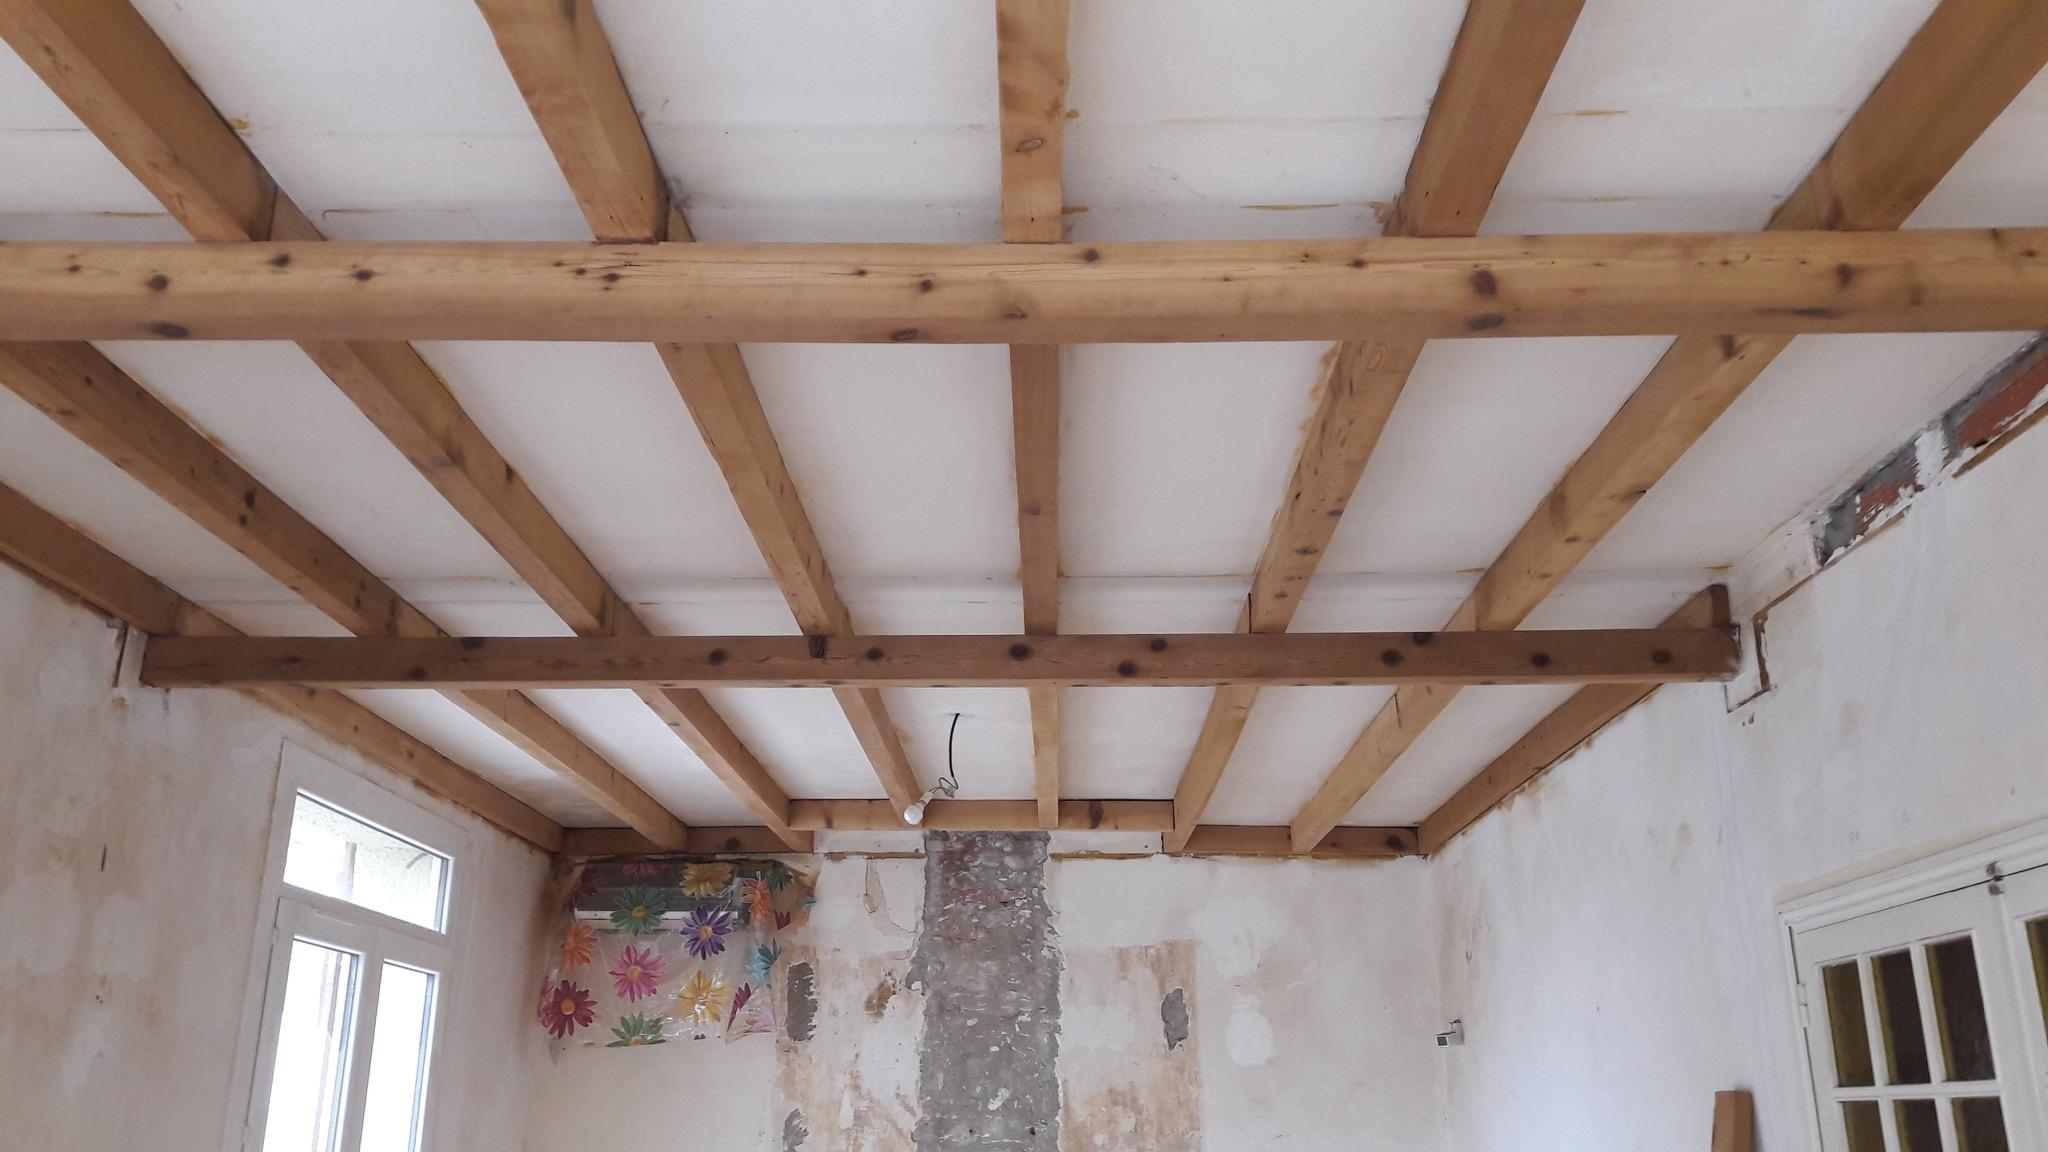 R solu peindre ou lasurer des poutres en bois for Prix pour scarifier une pelouse